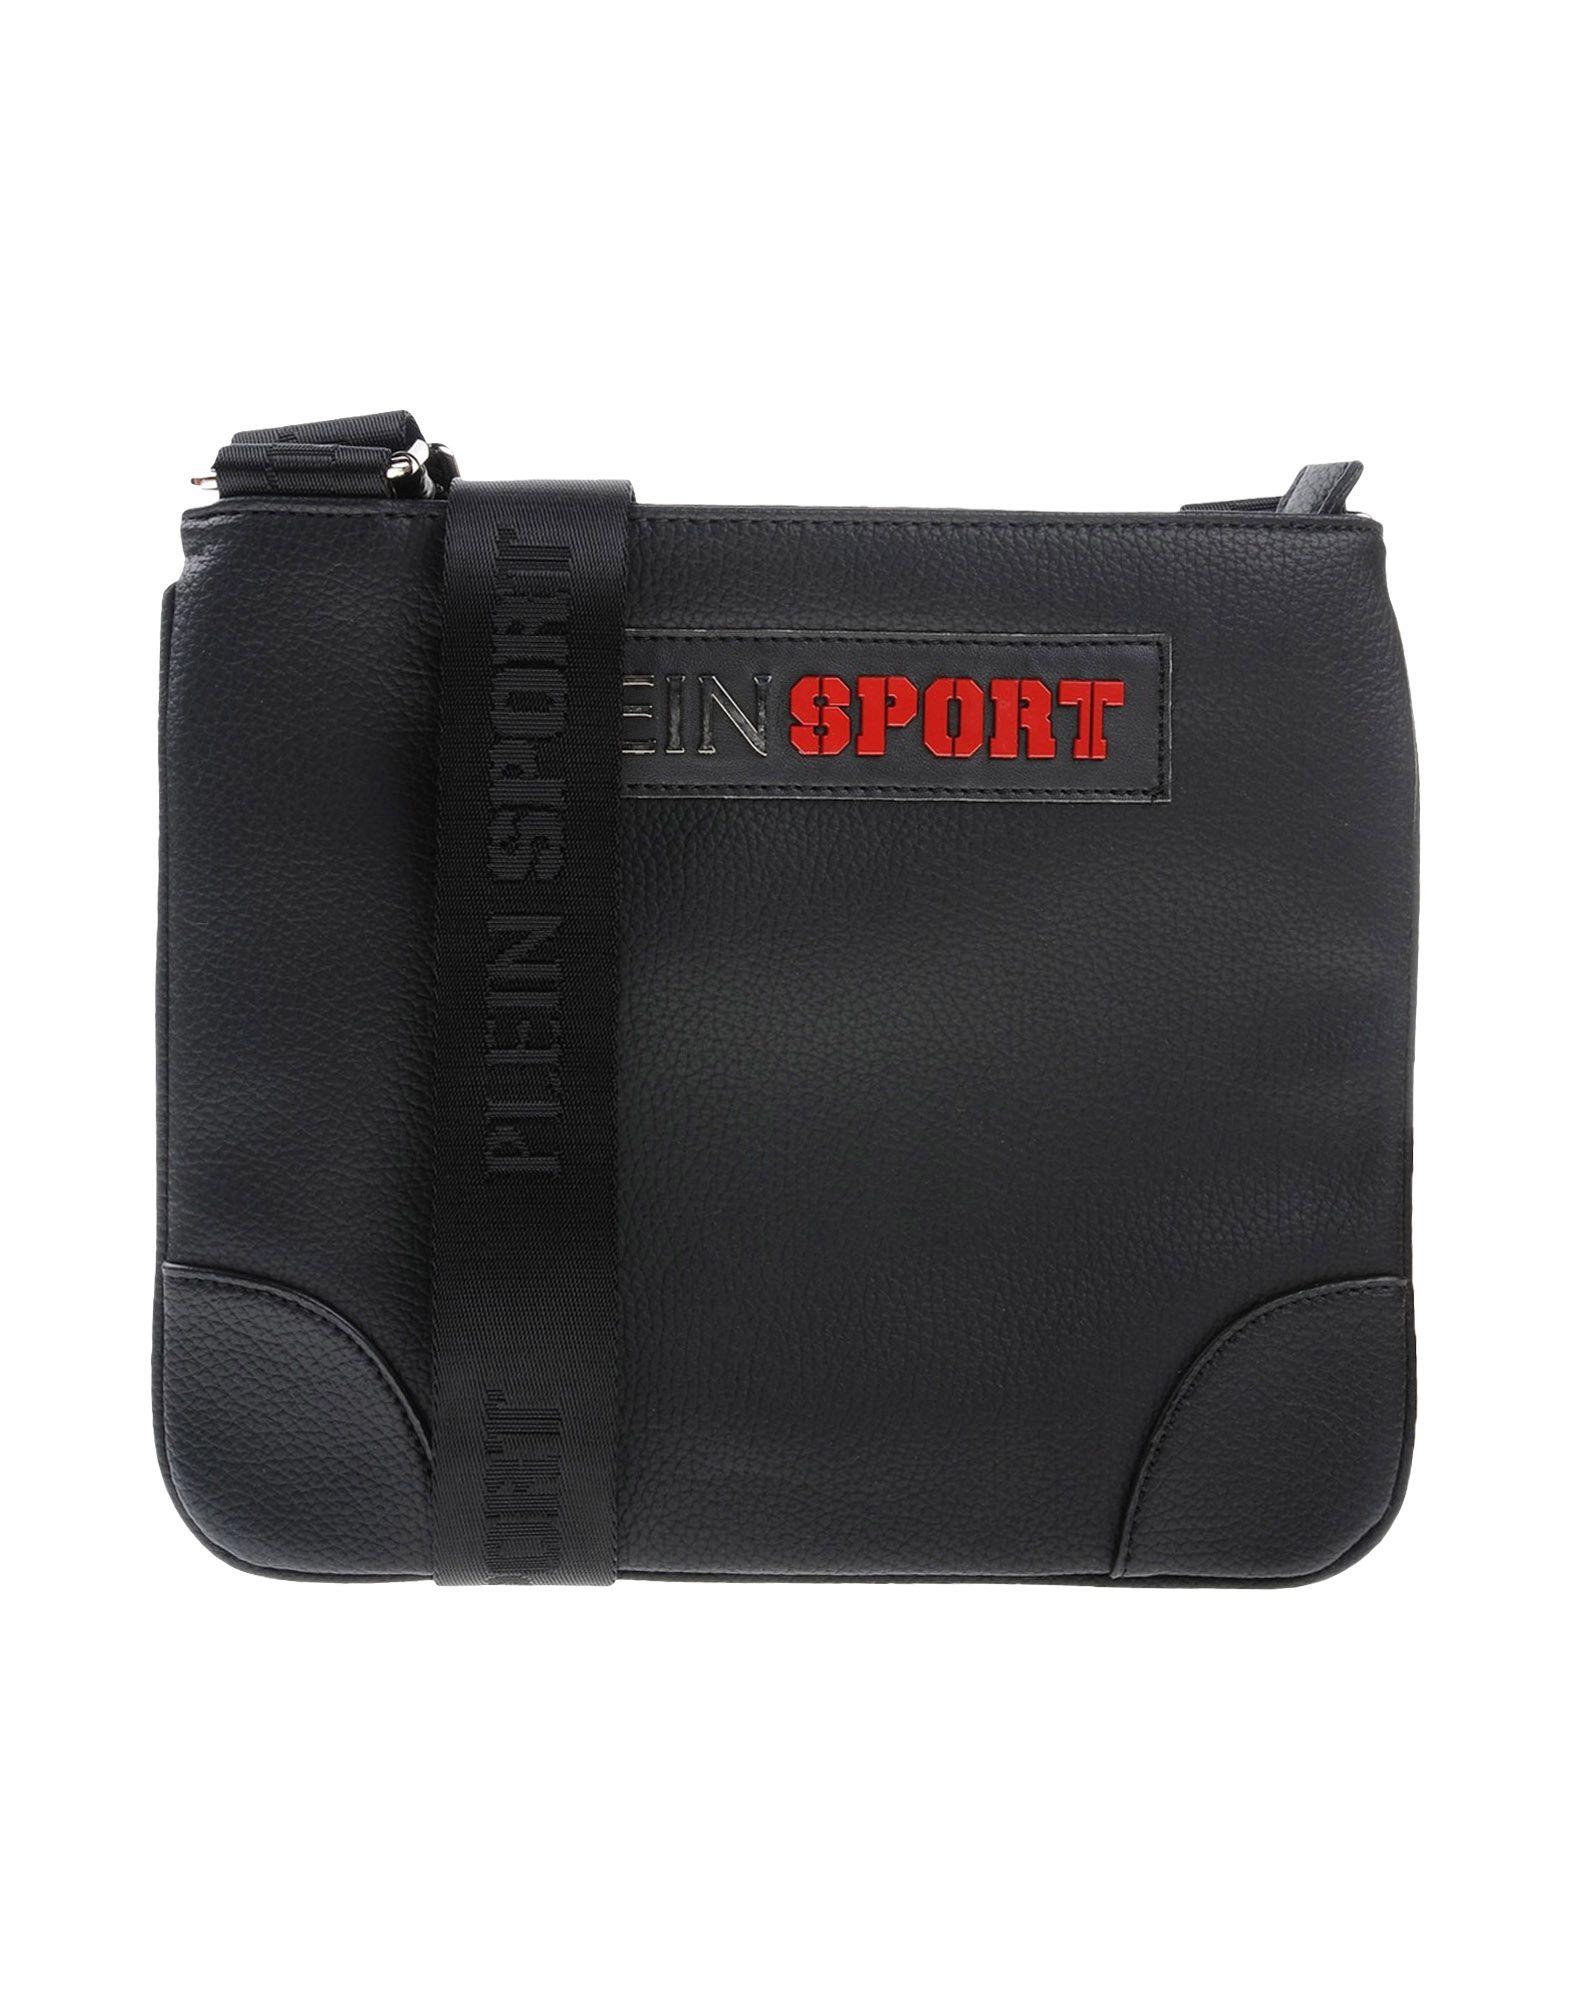 PLEIN SPORT Handbags